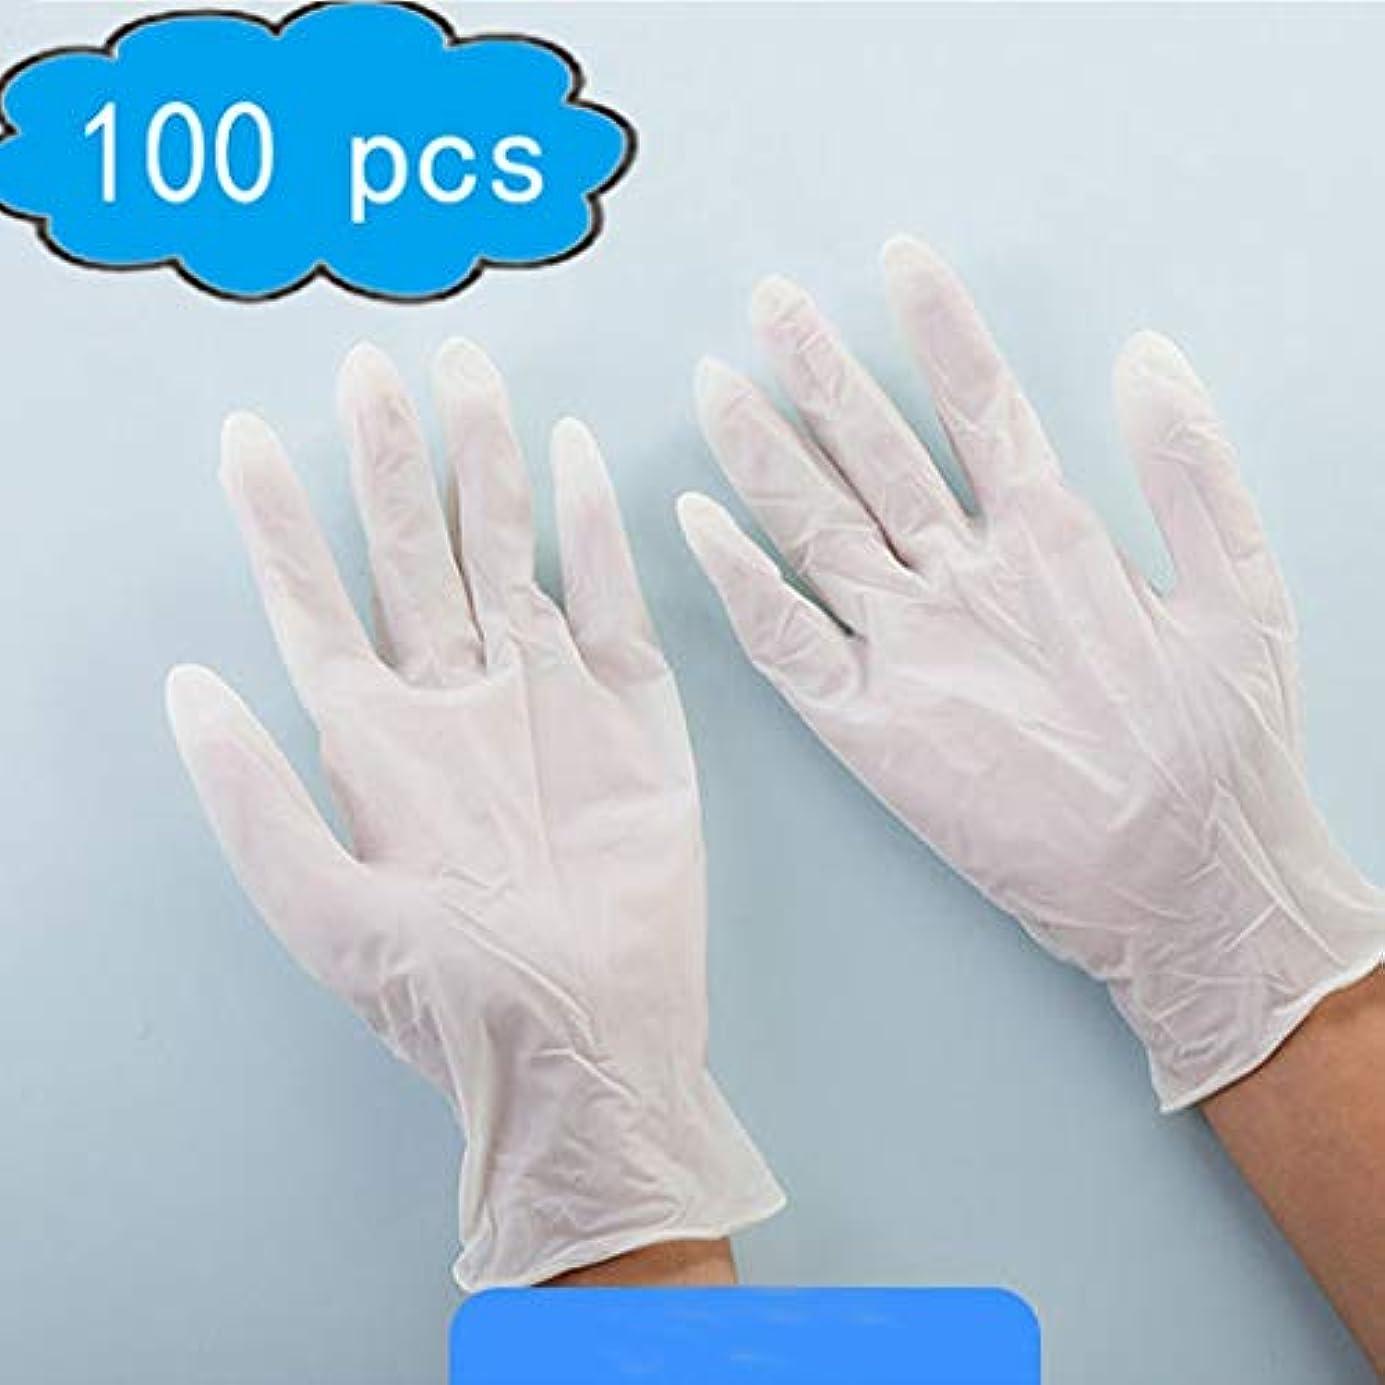 囚人未来広範囲使い捨て手袋、厚手版、白い粉のない使い捨てニトリル手袋[100パック] - 大、サニタリー手袋、応急処置用品 (Color : White, Size : S)